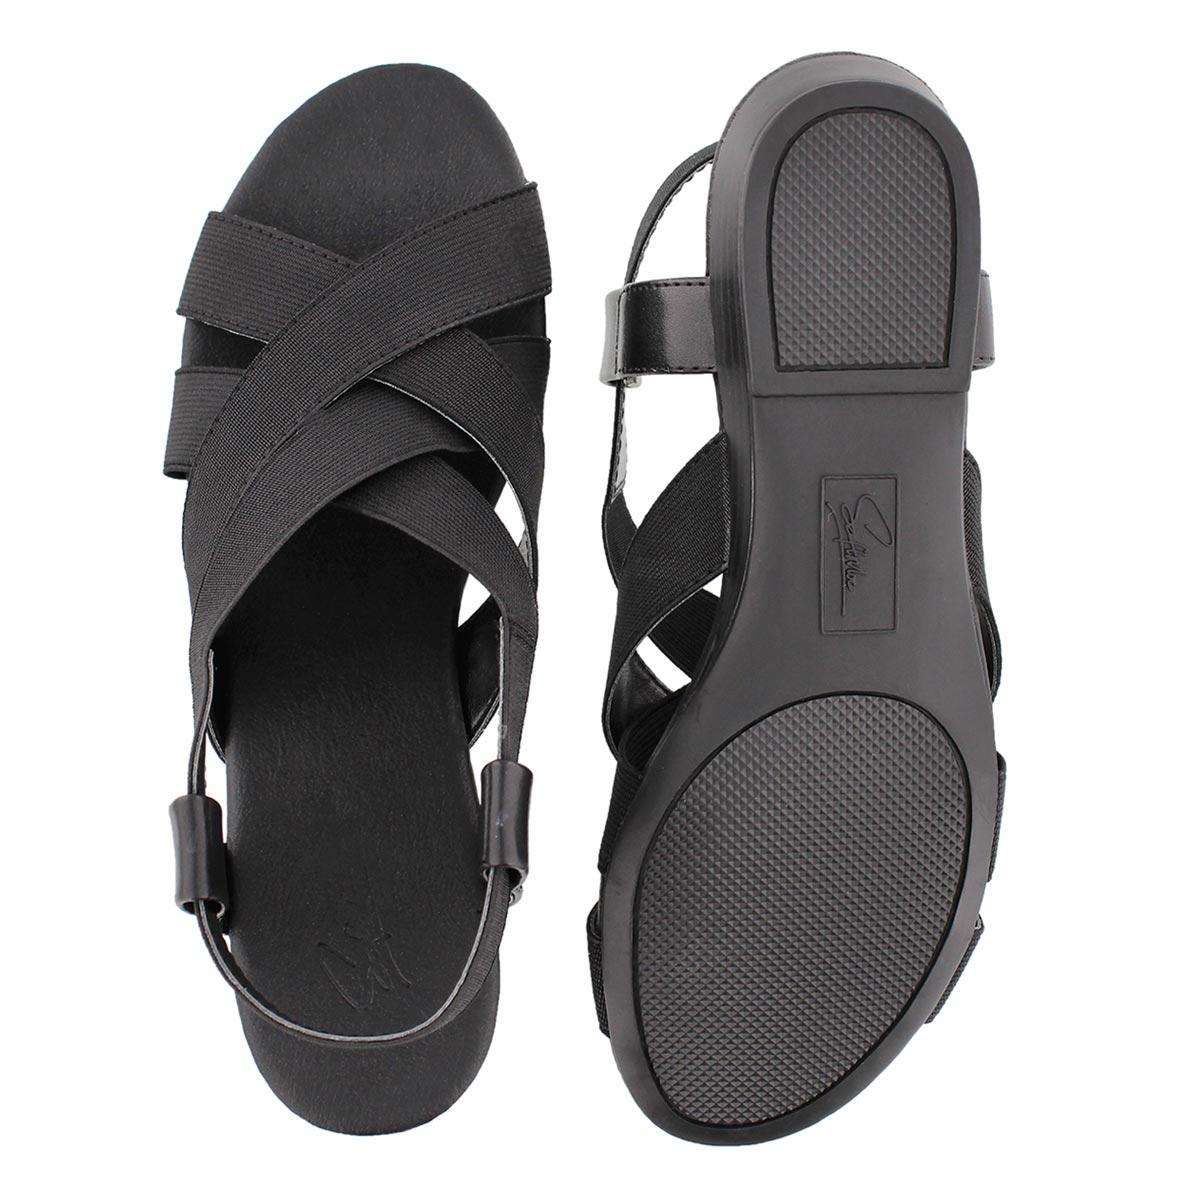 Lds Eloise black casual sandal